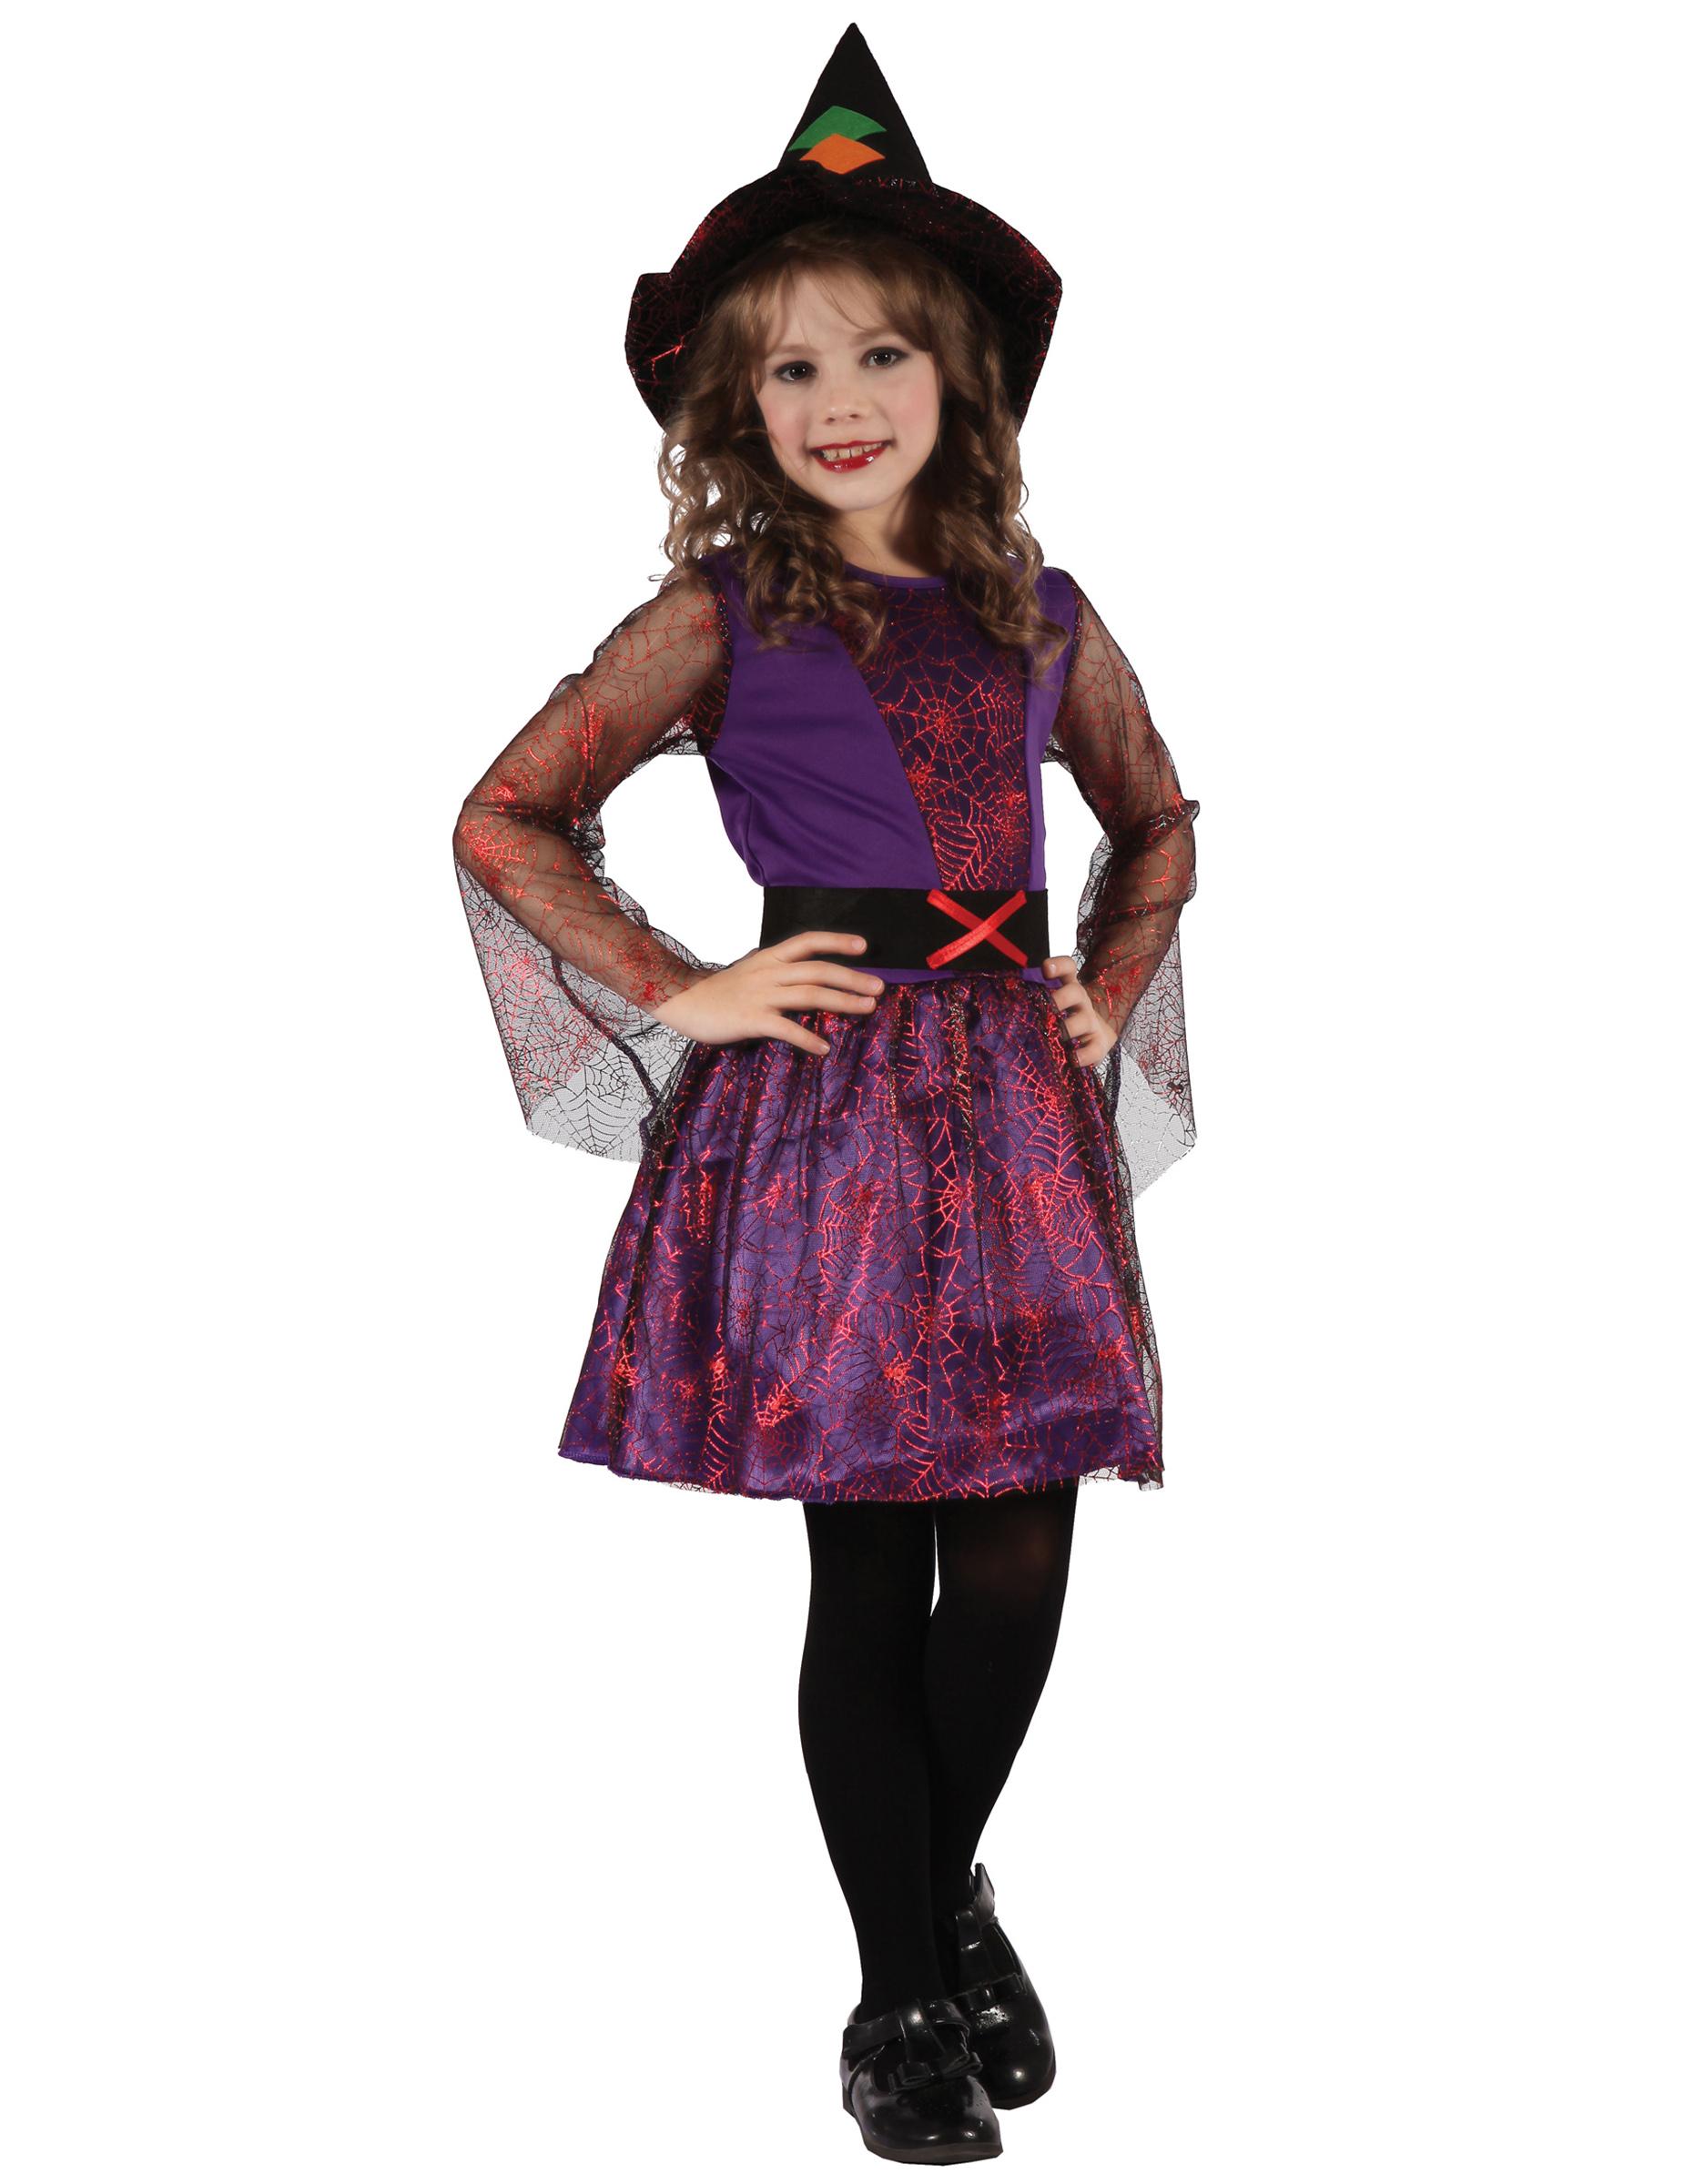 Halloween Kostuum Nl.Heksen Spinnenweb Kostuum Voor Meisjes